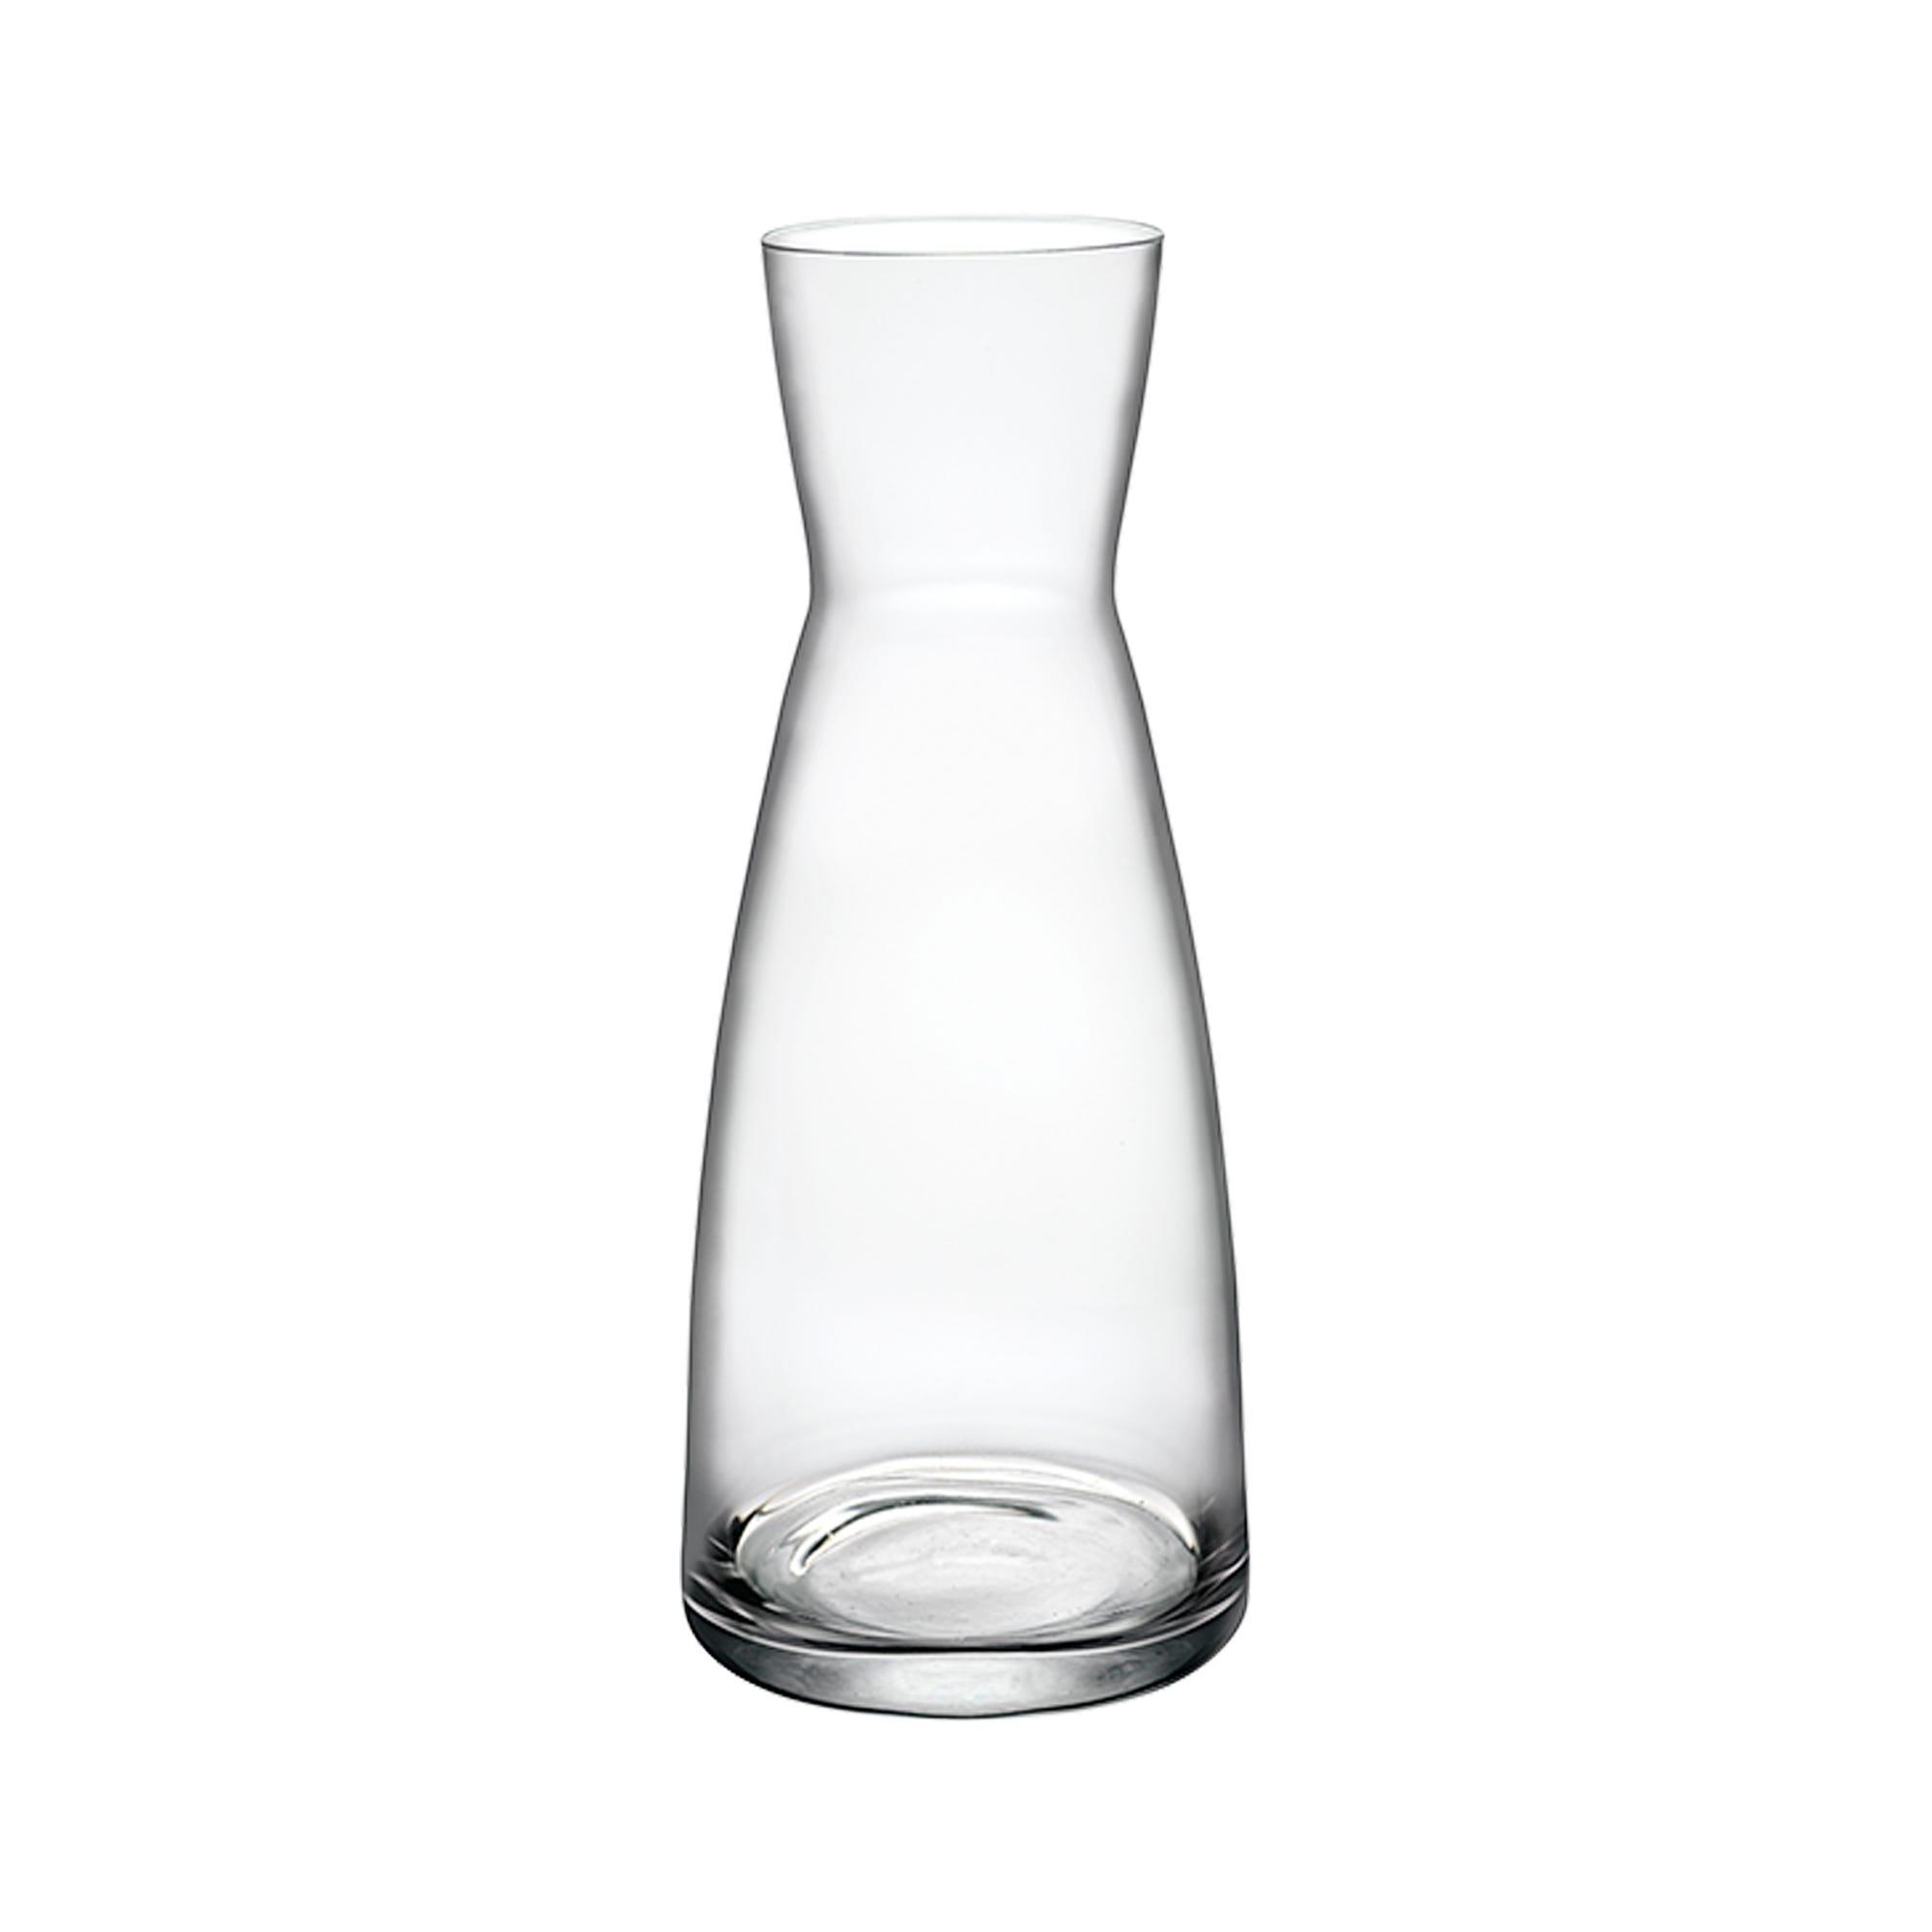 Garrafa de vidrio Ypsilon™, de 1 L